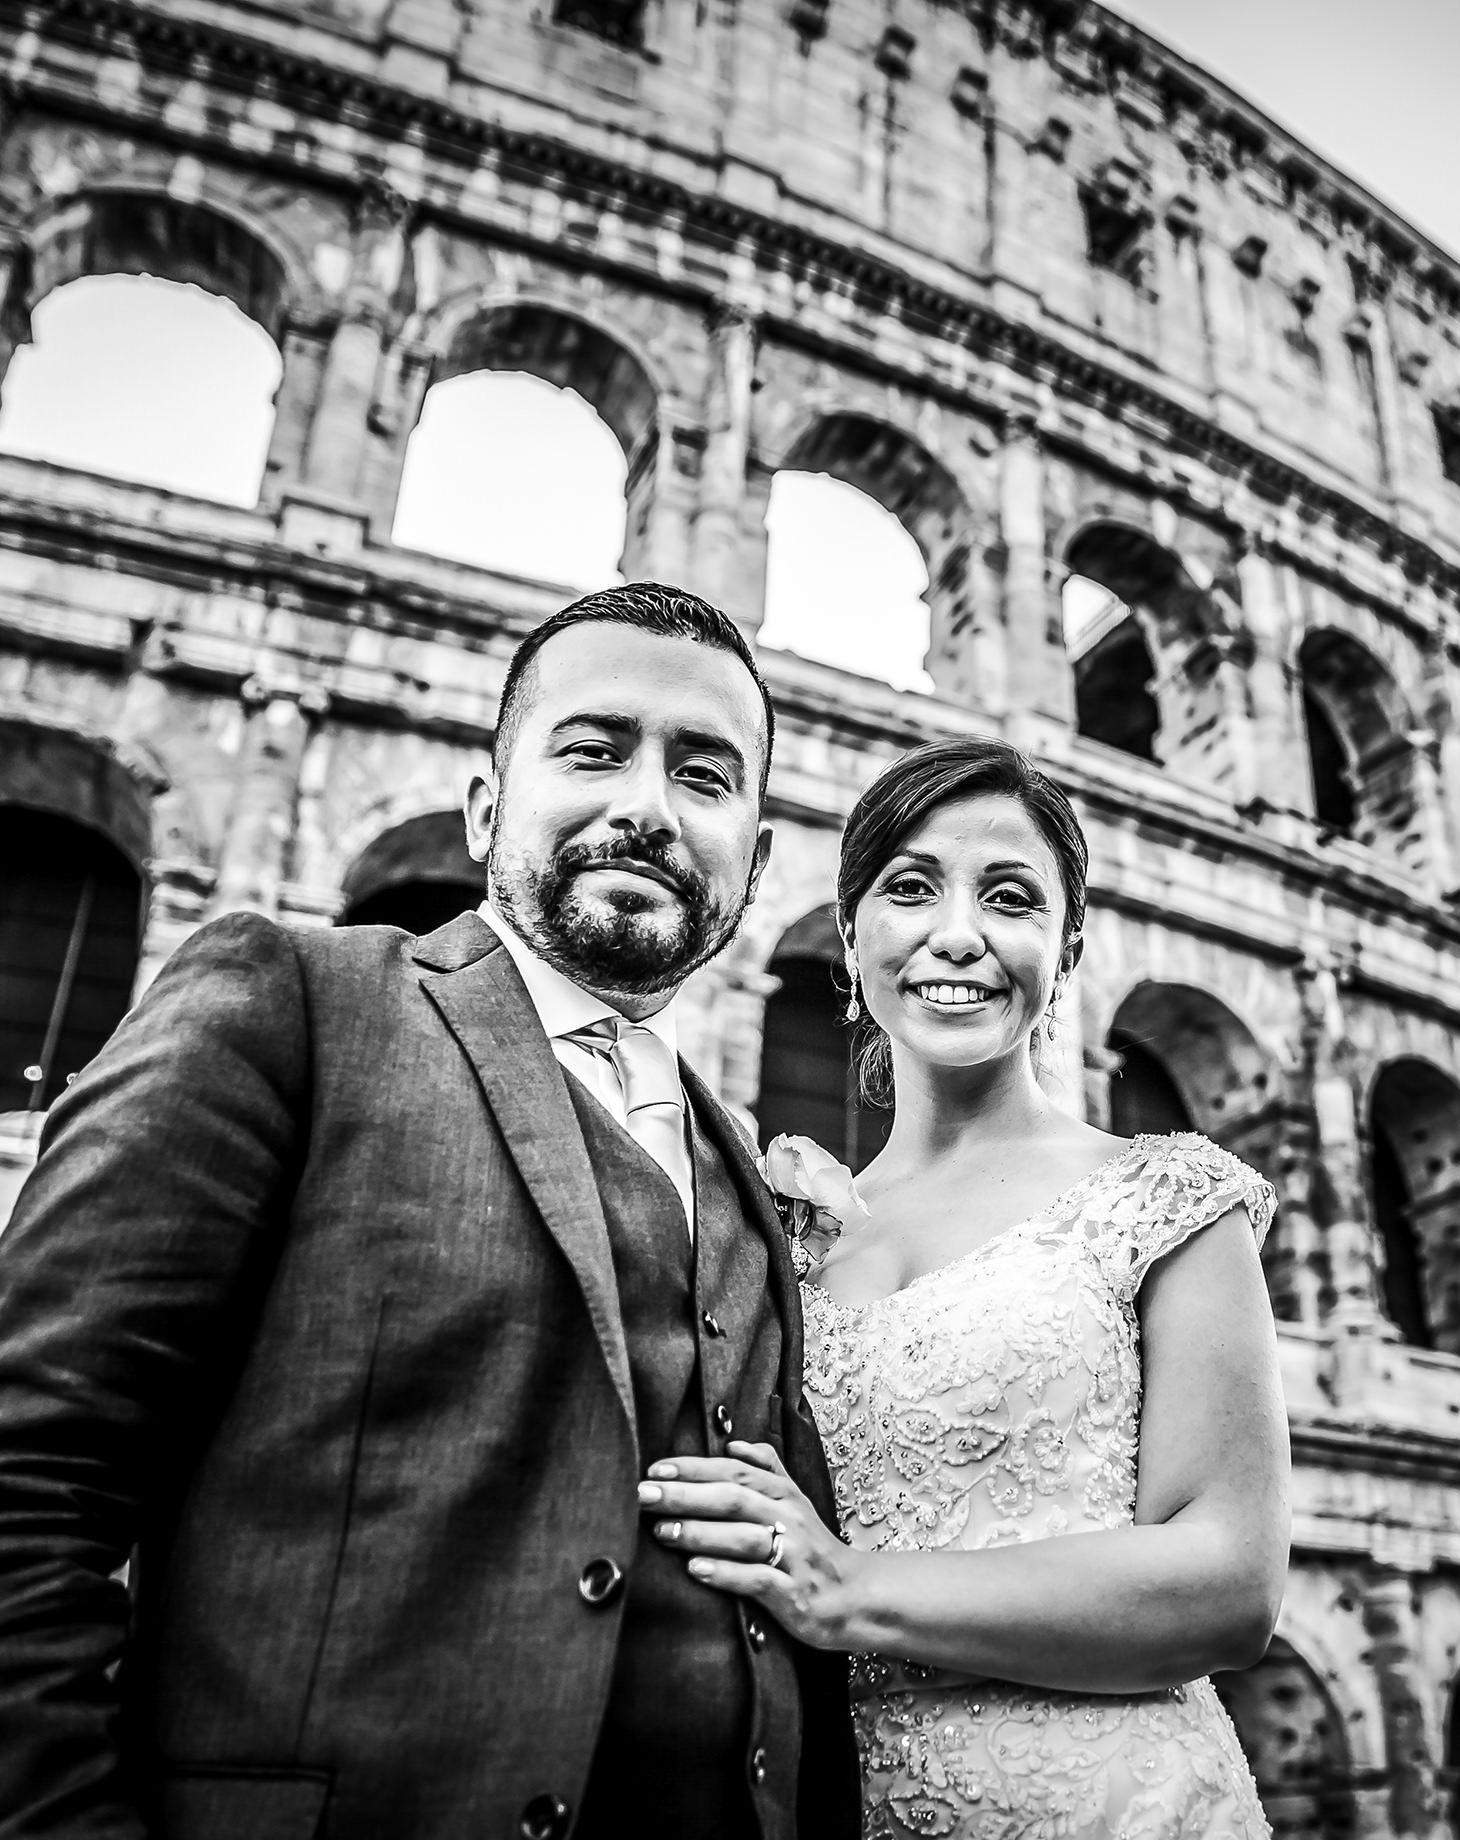 Adriana & Hector | Rome